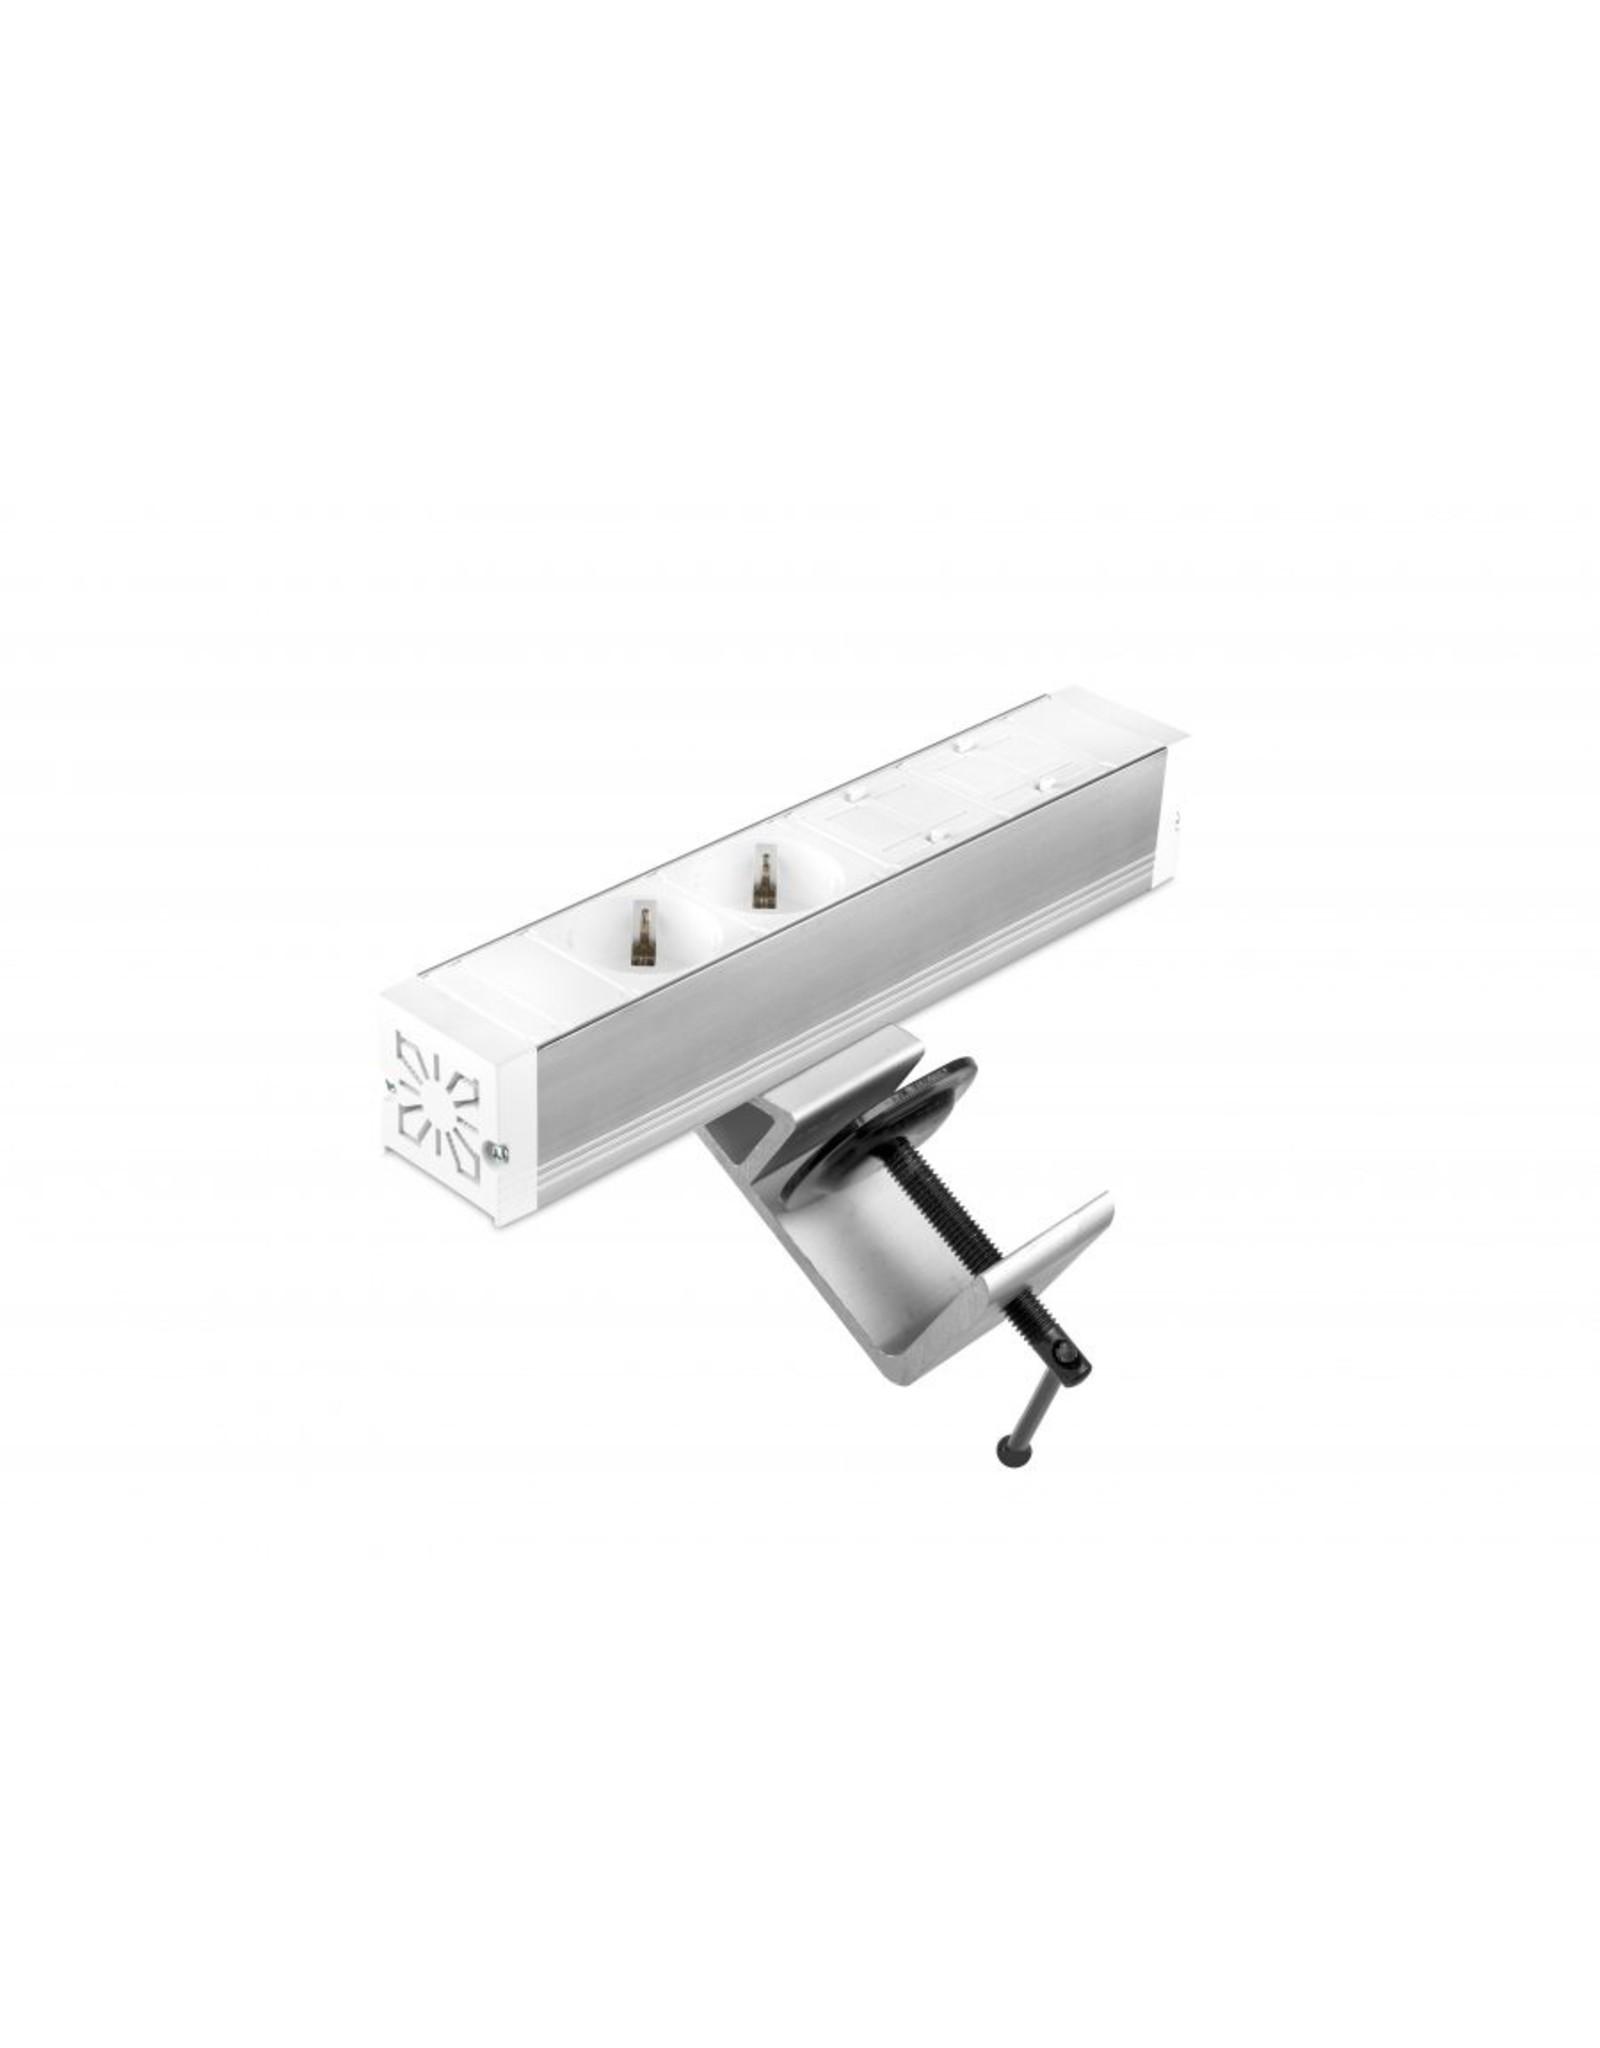 Ergo Power Desk up - 2x 230V - 2x Keystone